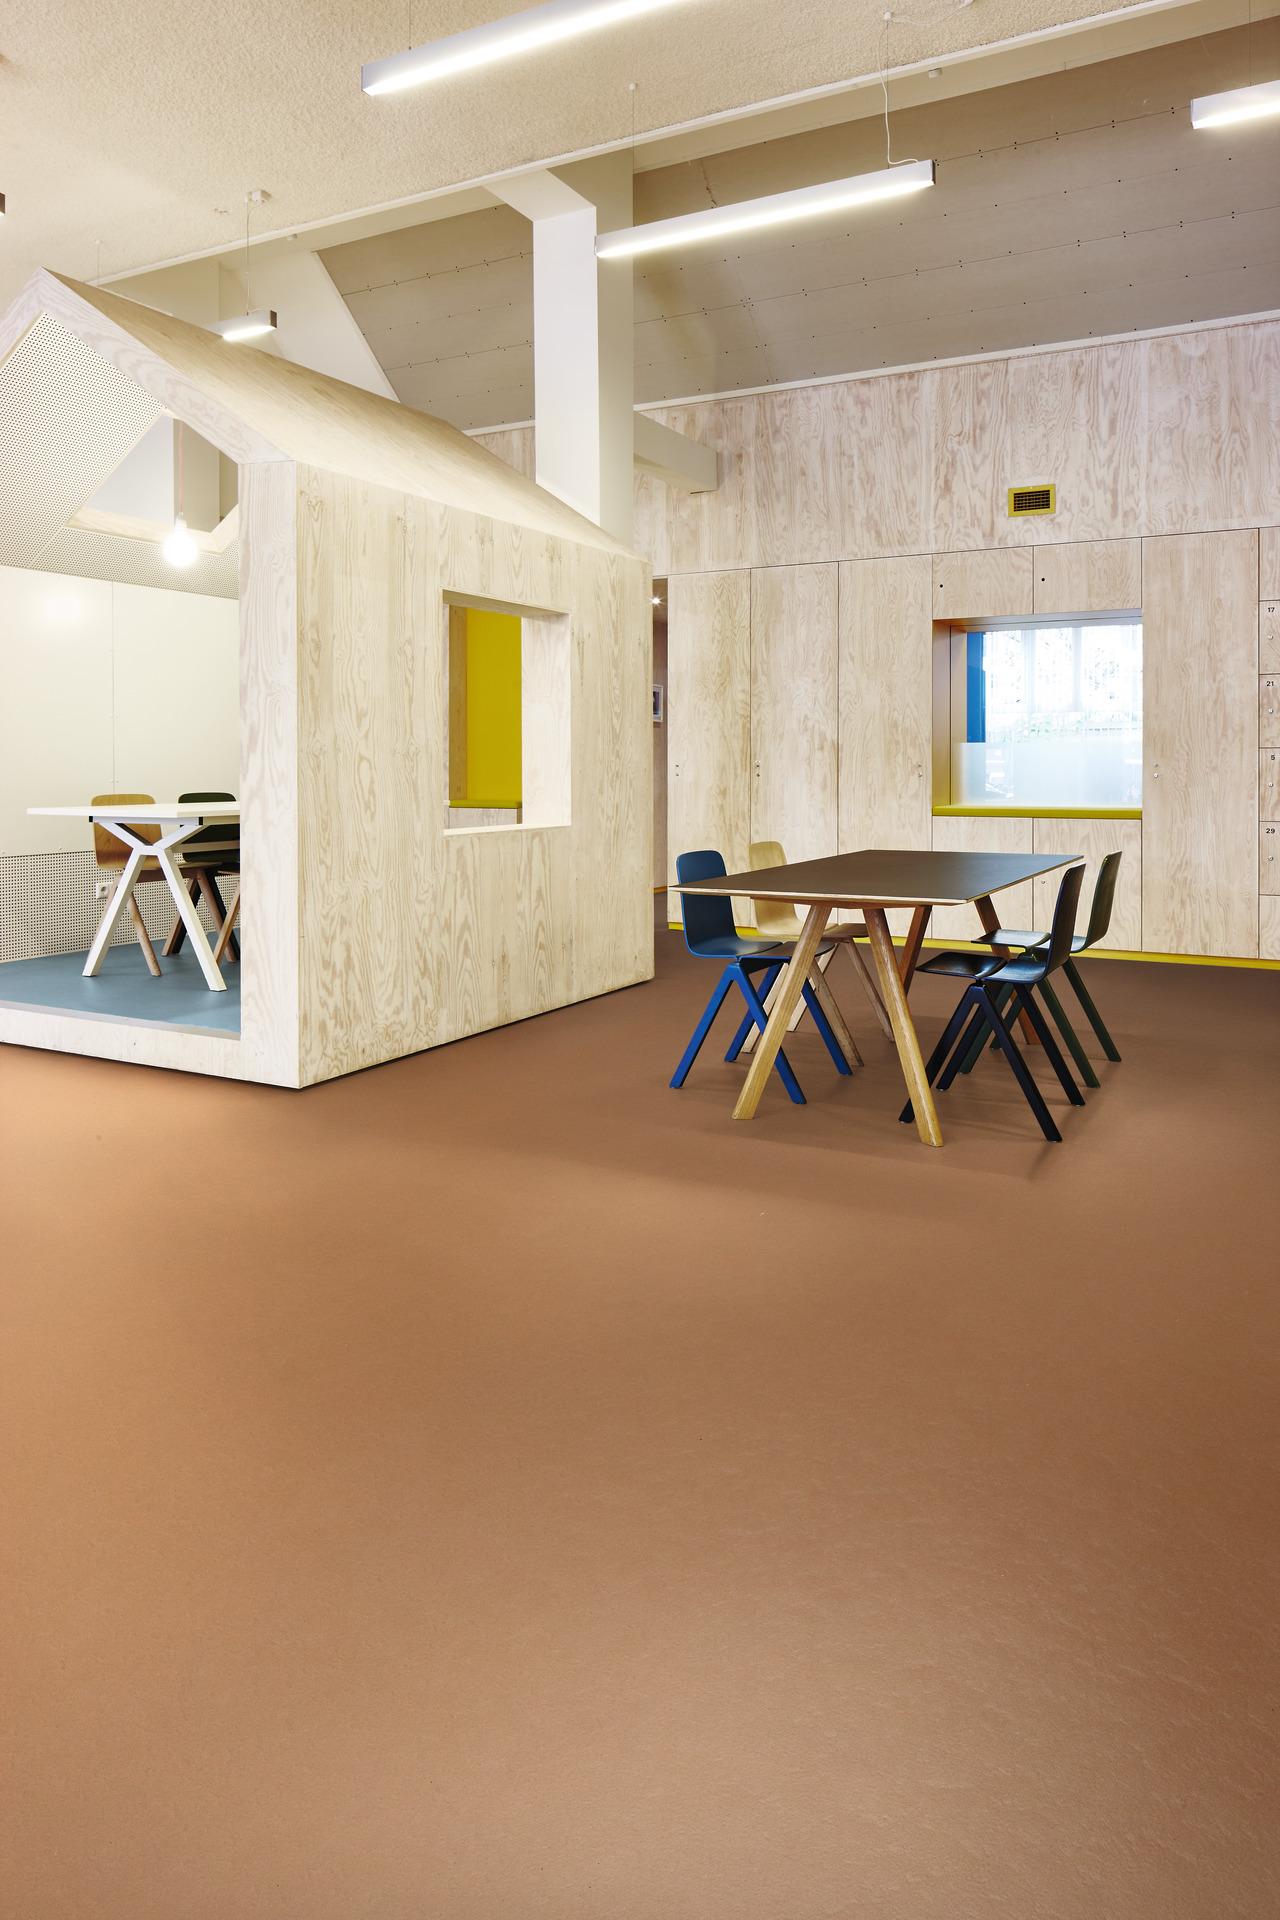 Marmoleum Walton Uni By Forbo Flooring Systems Archello